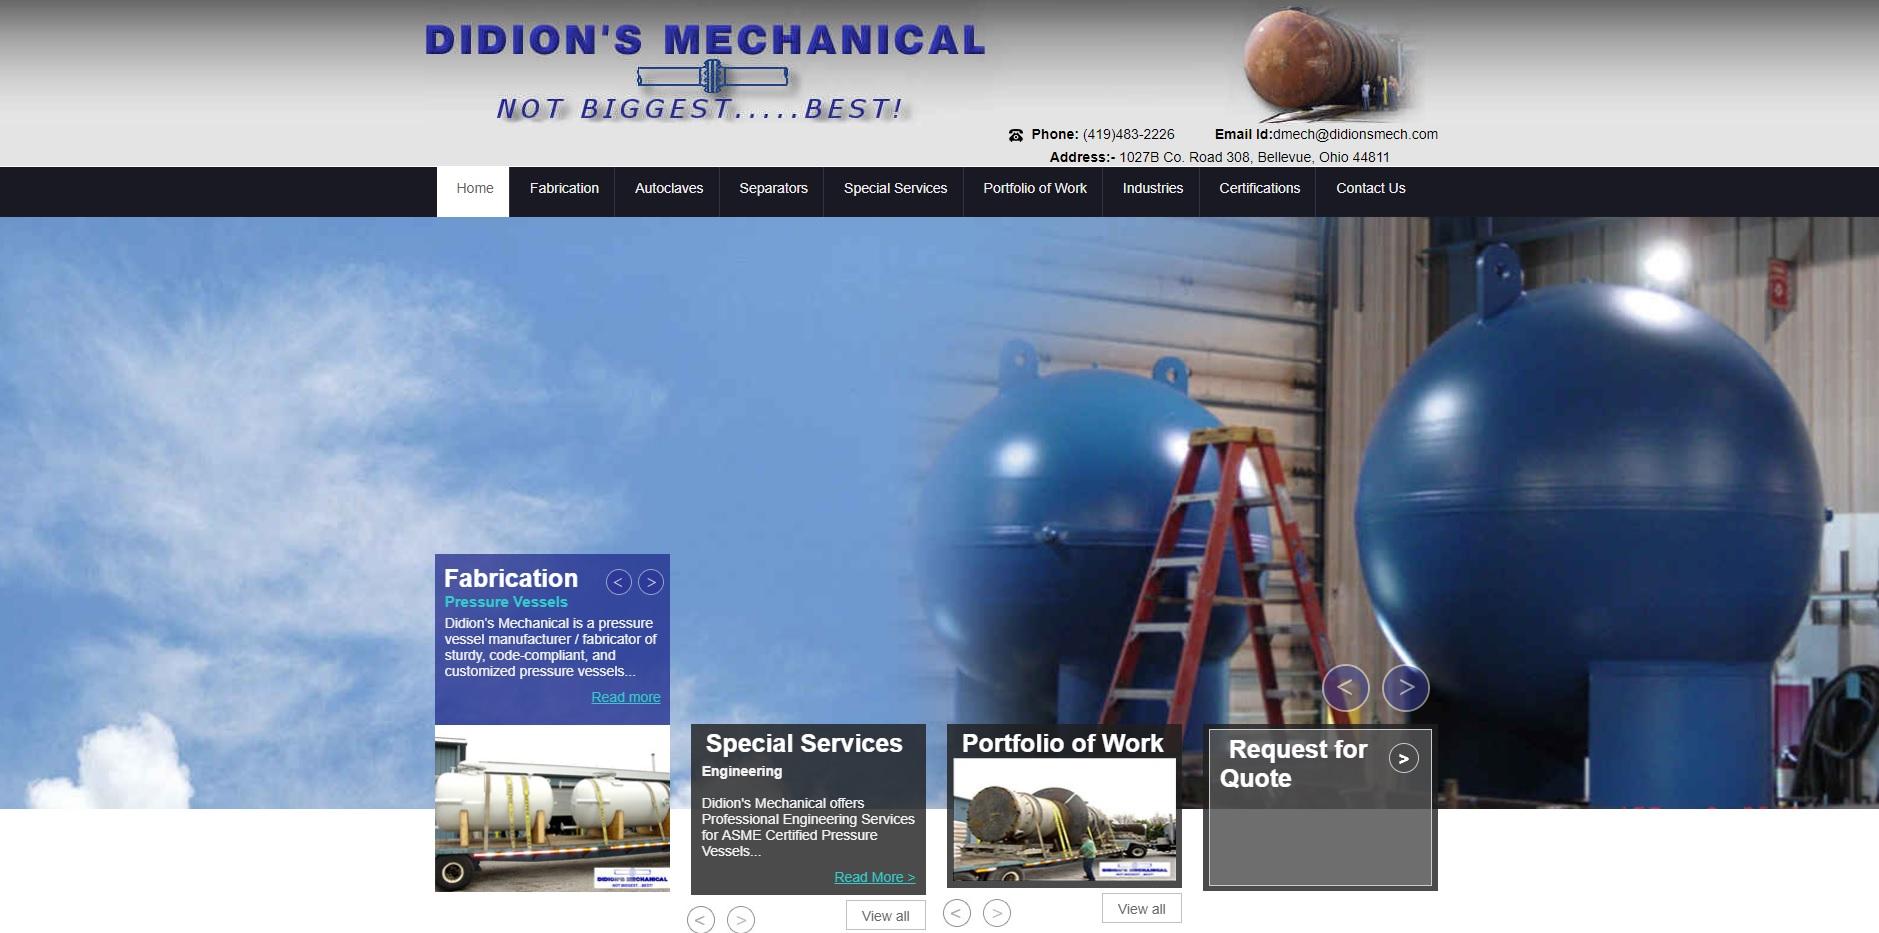 Didion's Mechanical